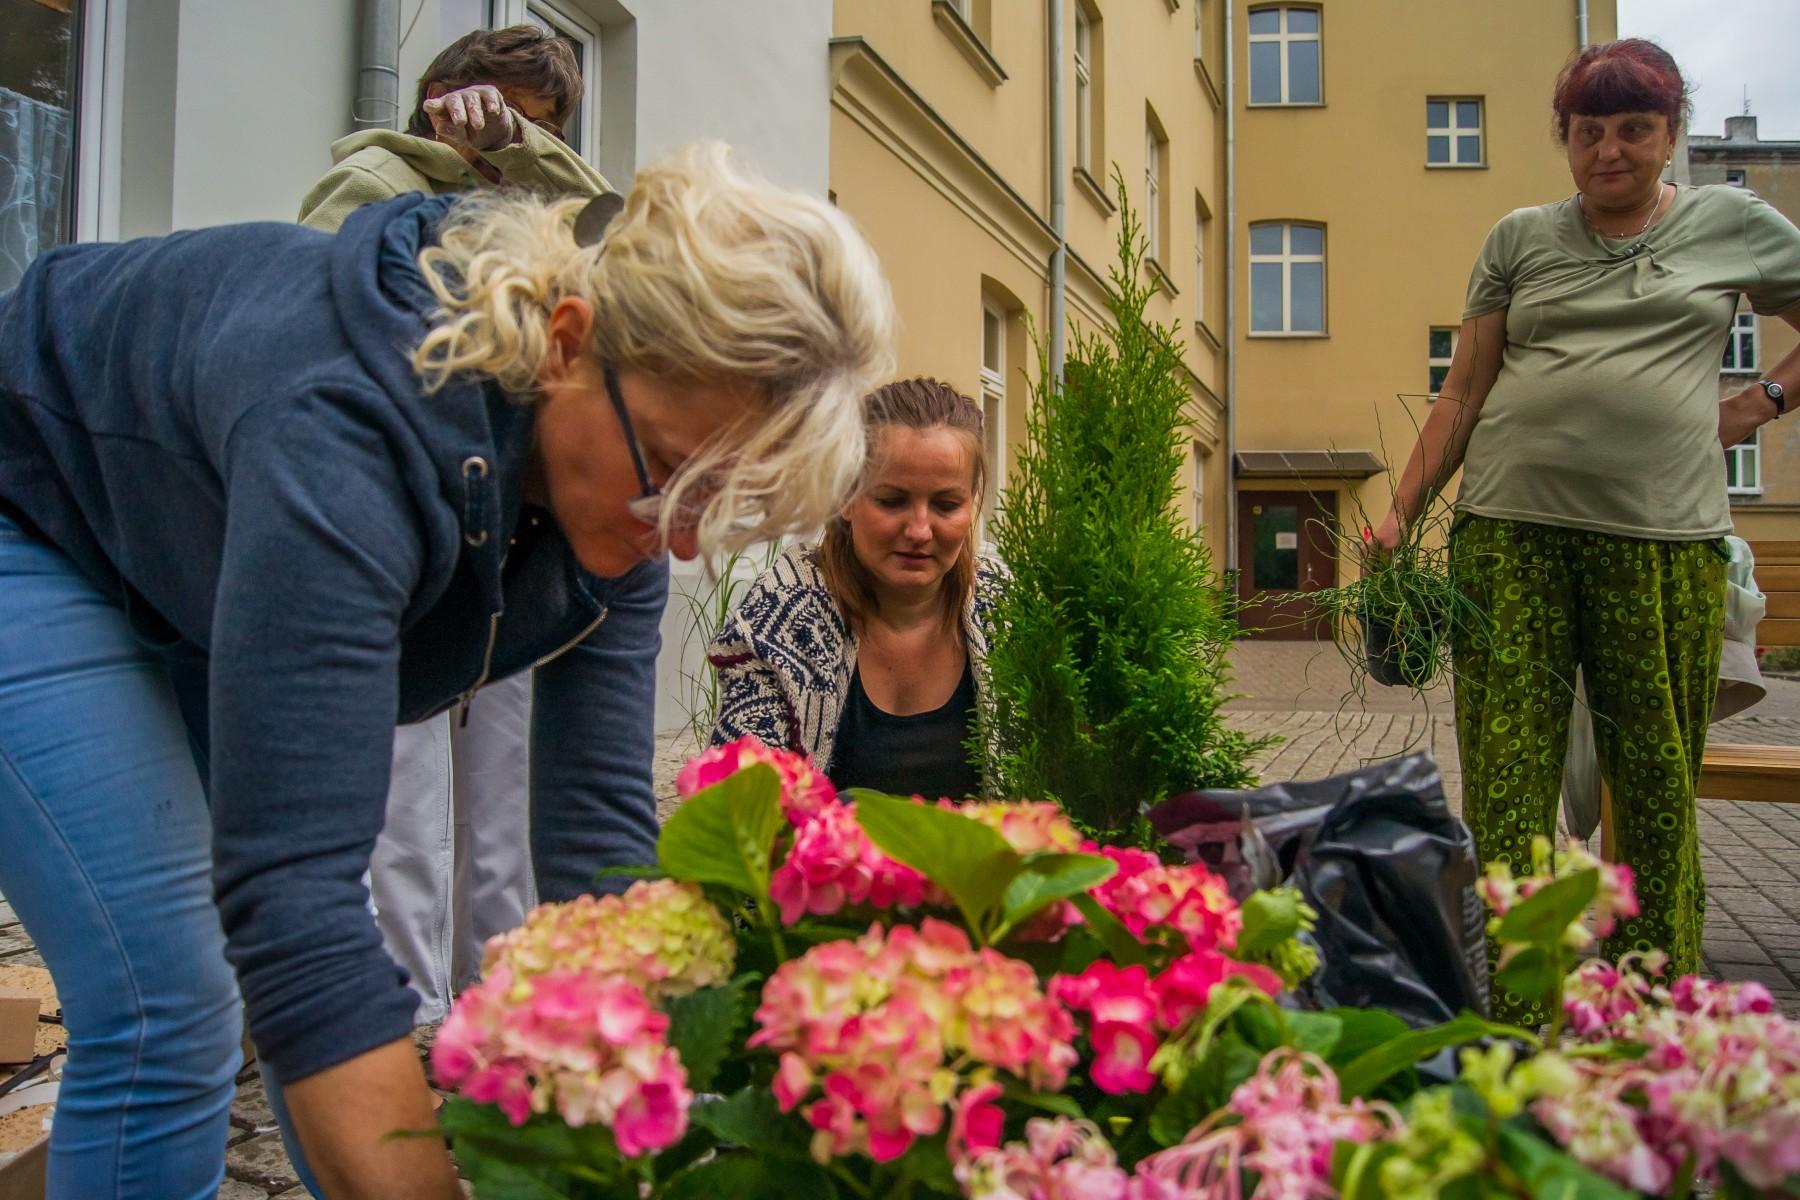 Gdańska 24 02-07-2018 (16 of 30)